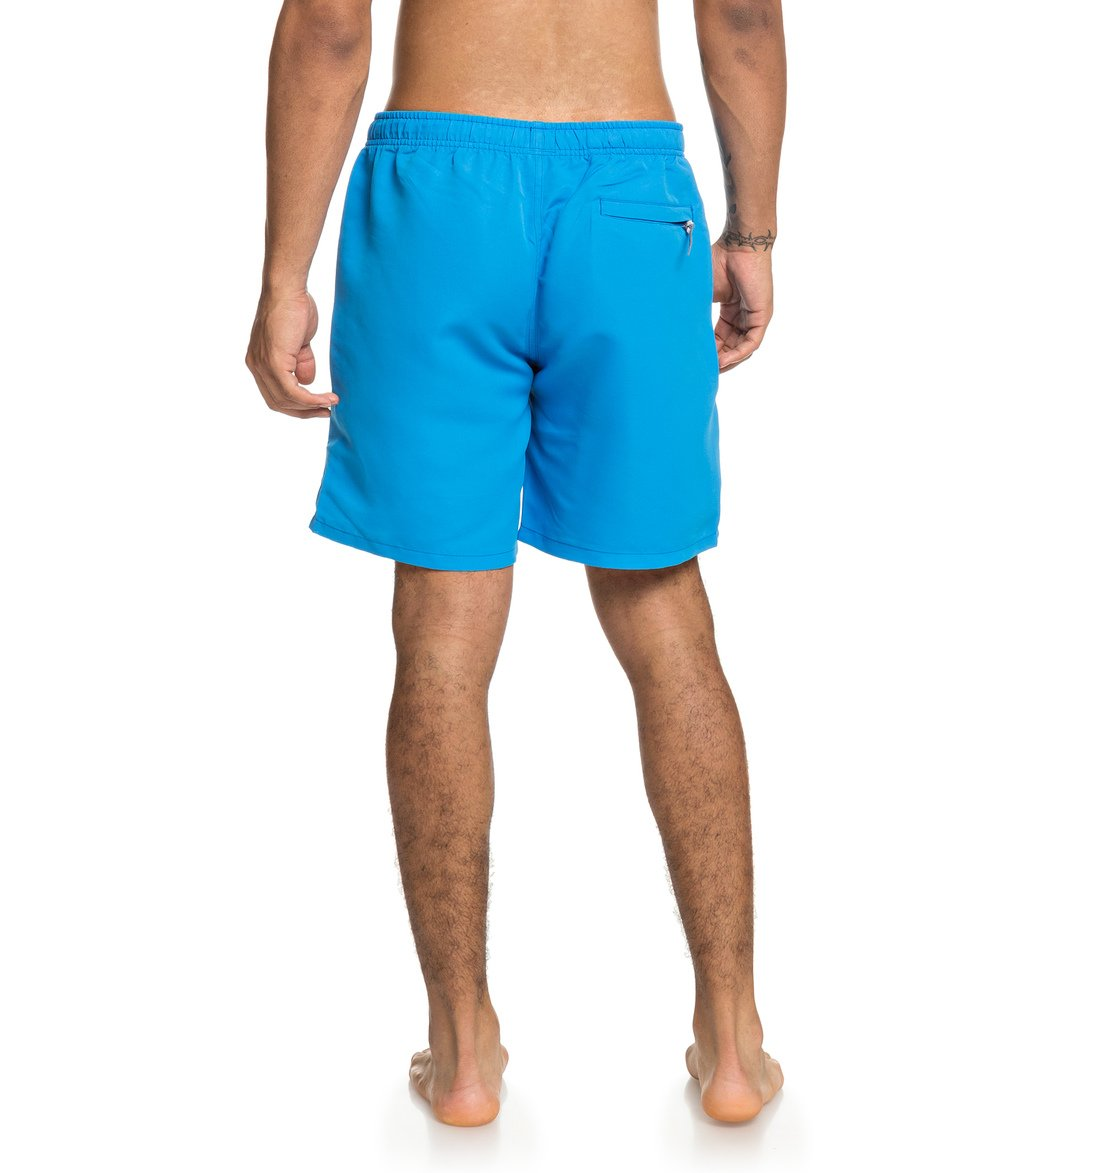 Right Short 18 Way Bleu EDYWS03126 taille pour élastique 5 Homme f6wBxZ6